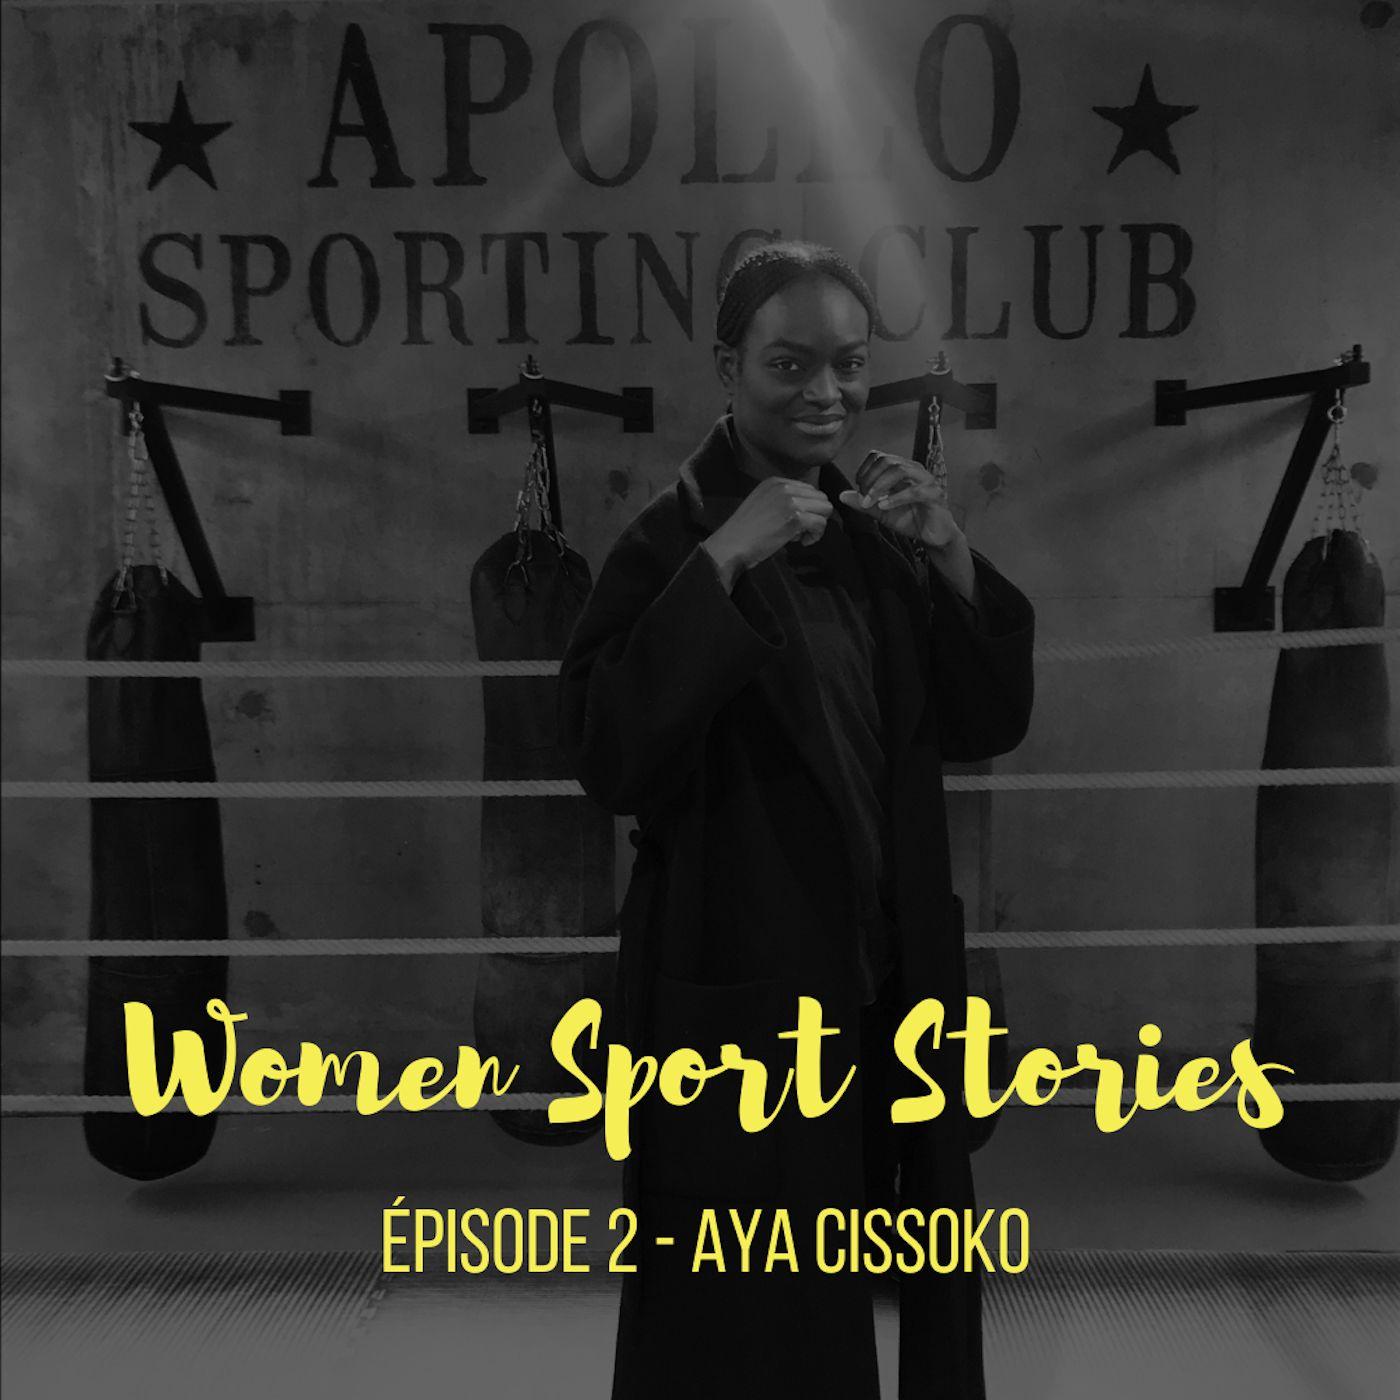 Episode 2 : Aya Cissoko